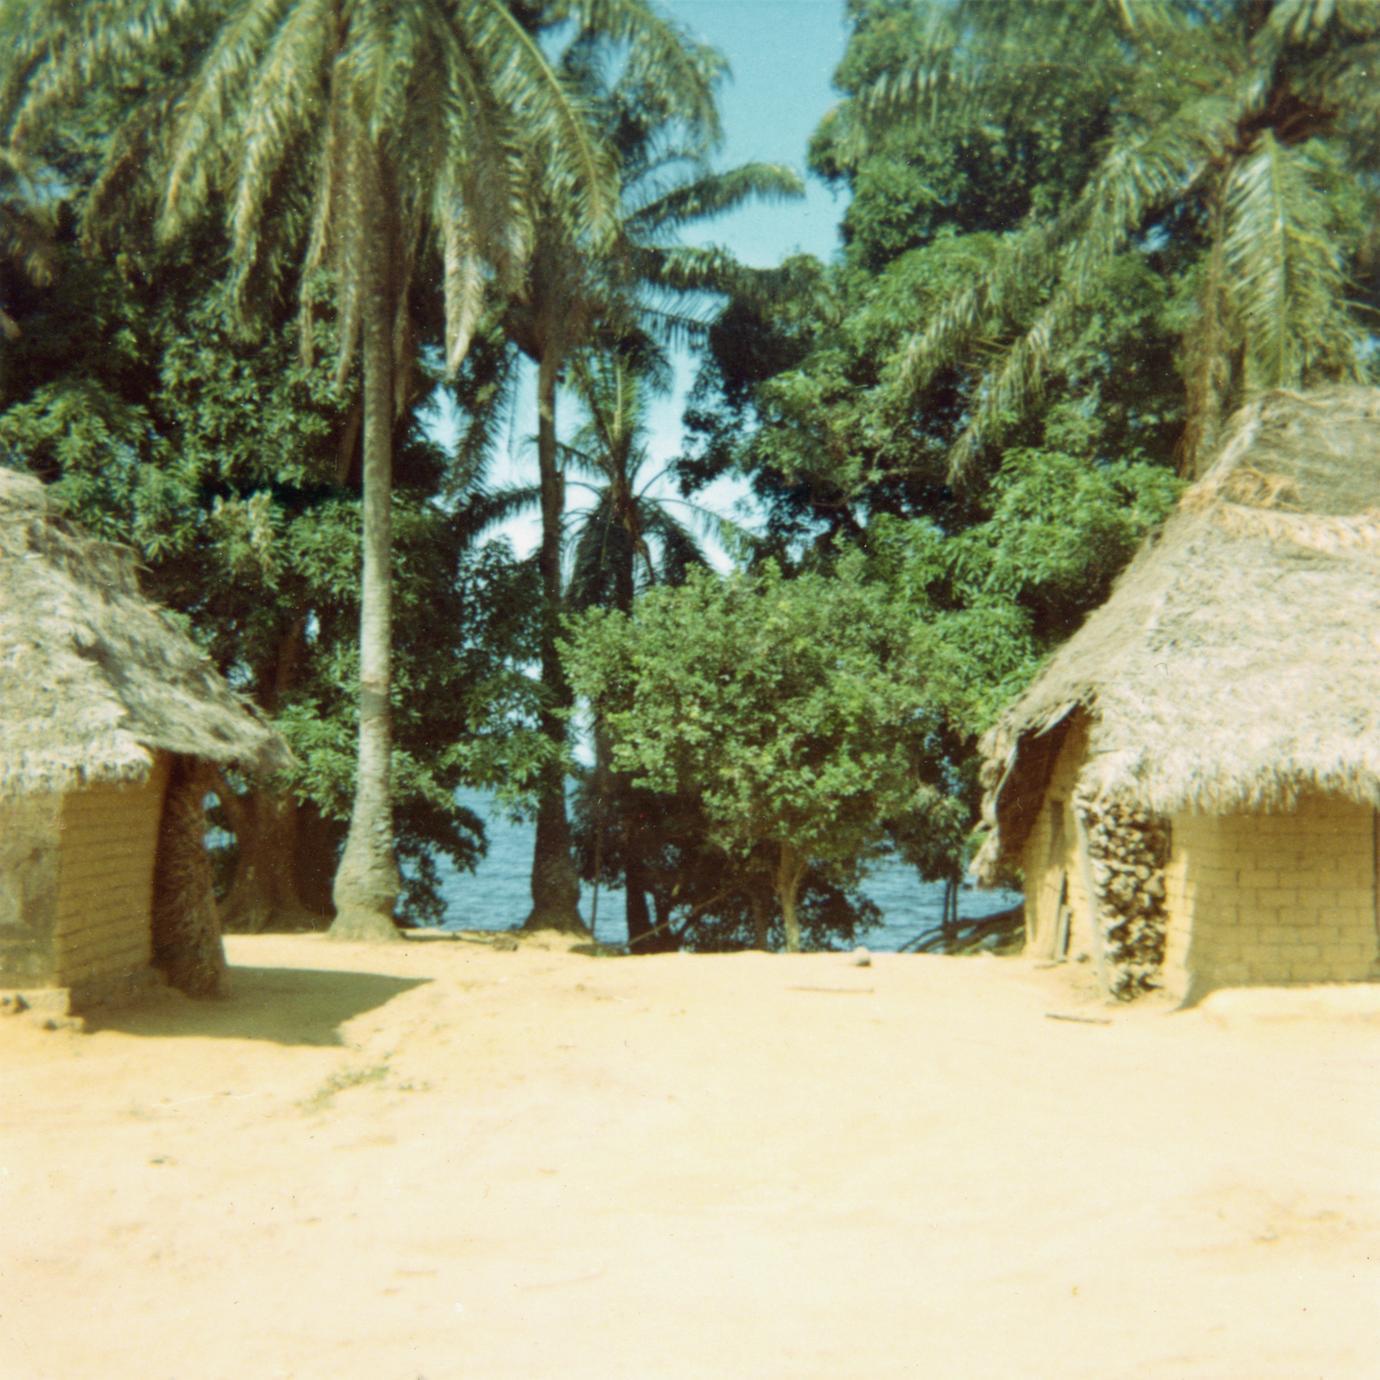 View of Selenge Fishing Village on Lake Mayi Ndomba